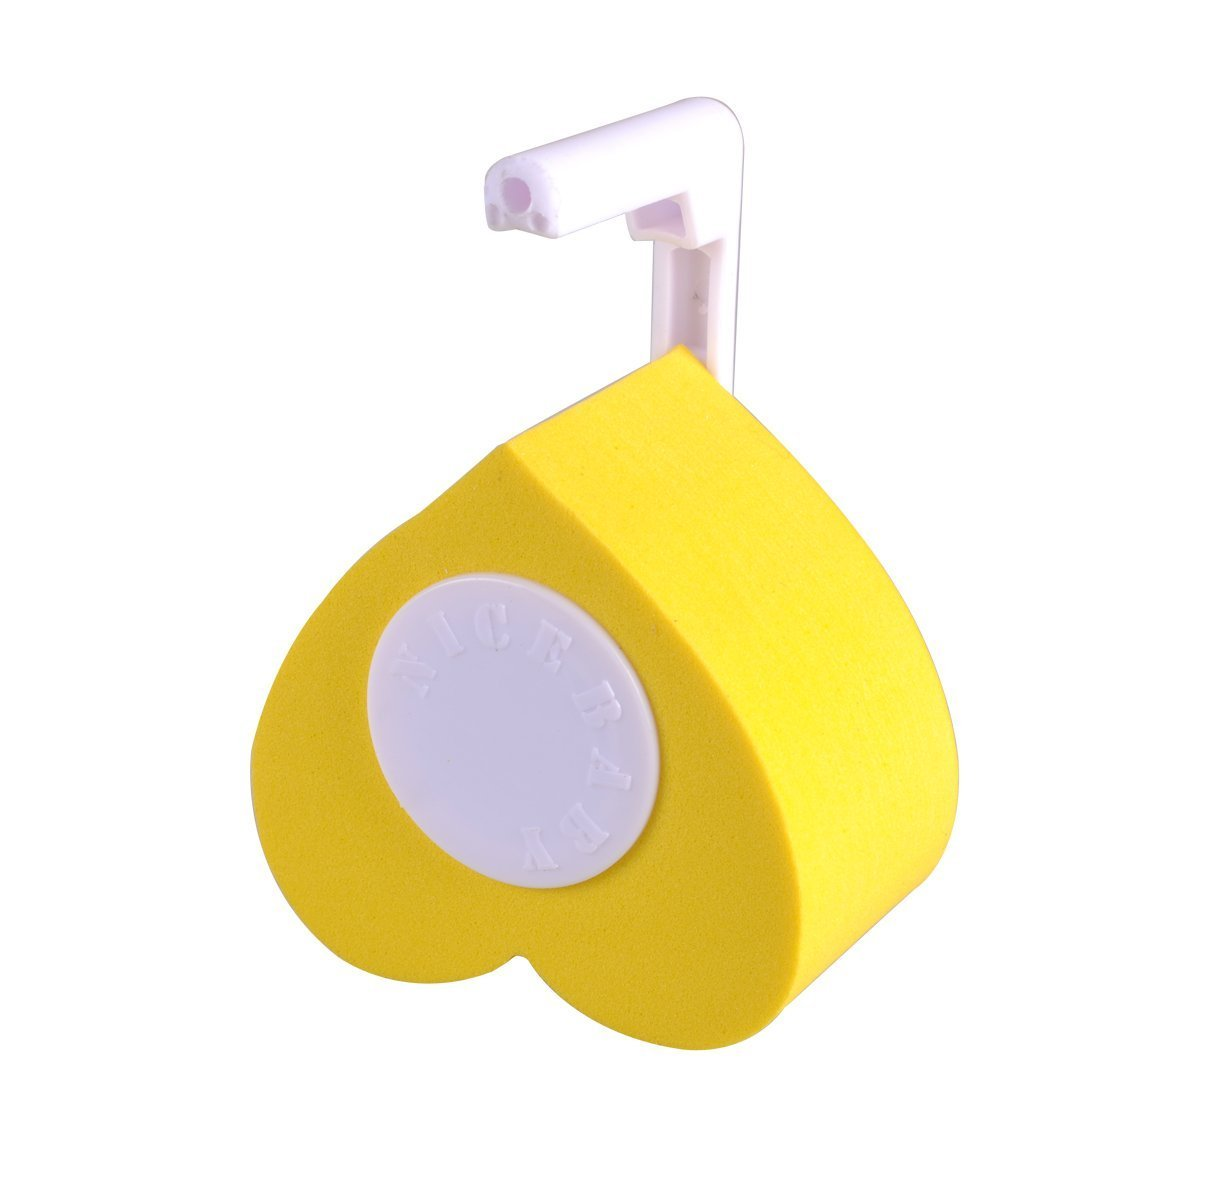 Beb/é Seguridad Protector Marron Puerta Pomo Protector Beb/é Prueba POHOVE 2pcs // Paquete Silicona Manija Protector para Dormitorio Ni/ños Prueba Anti-colisi/ón Reutilizable Protector Free Size